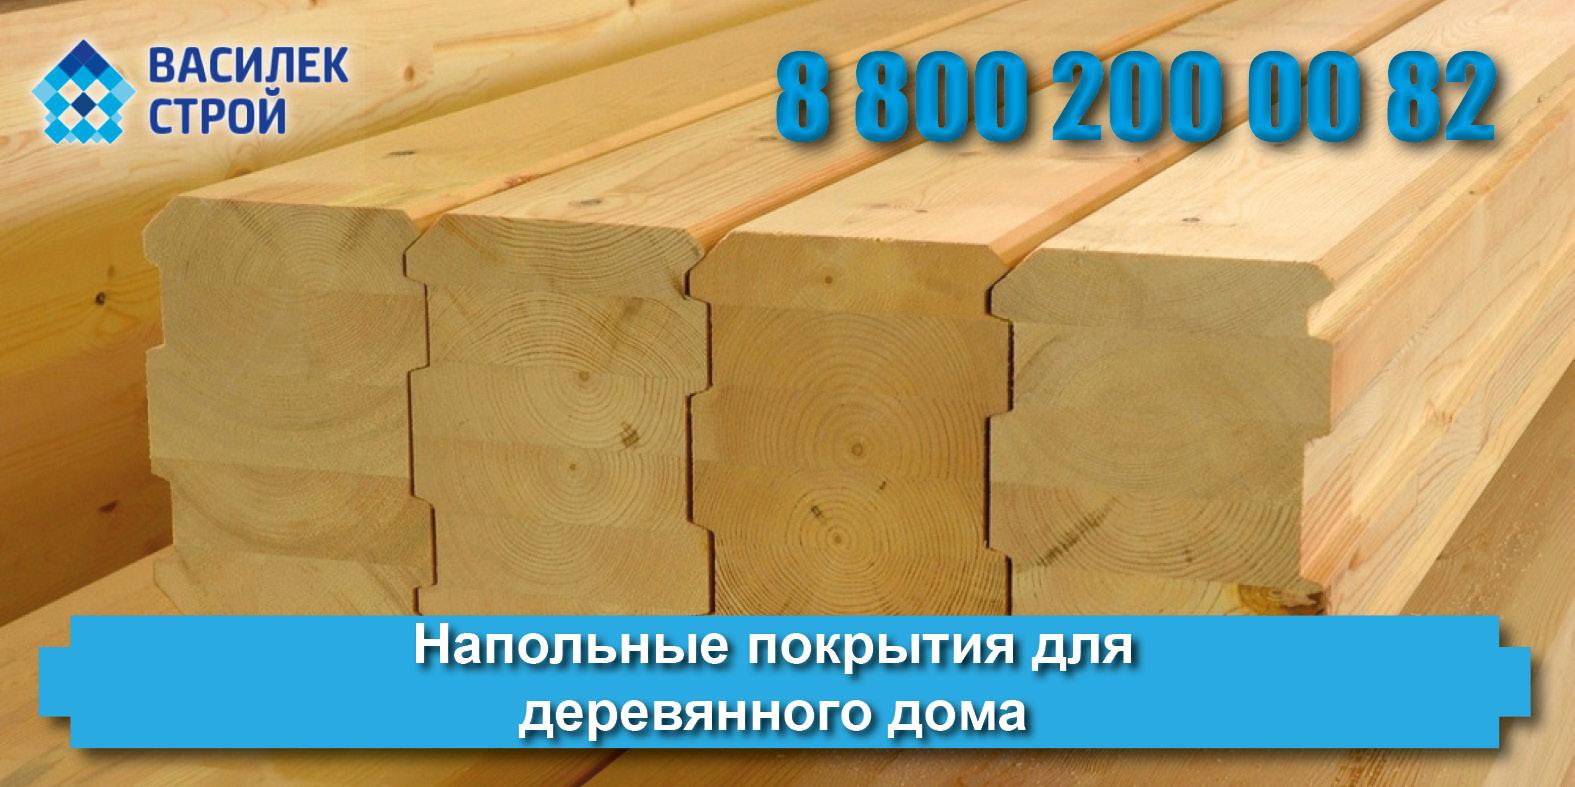 Напольные покрытия для деревянного дома